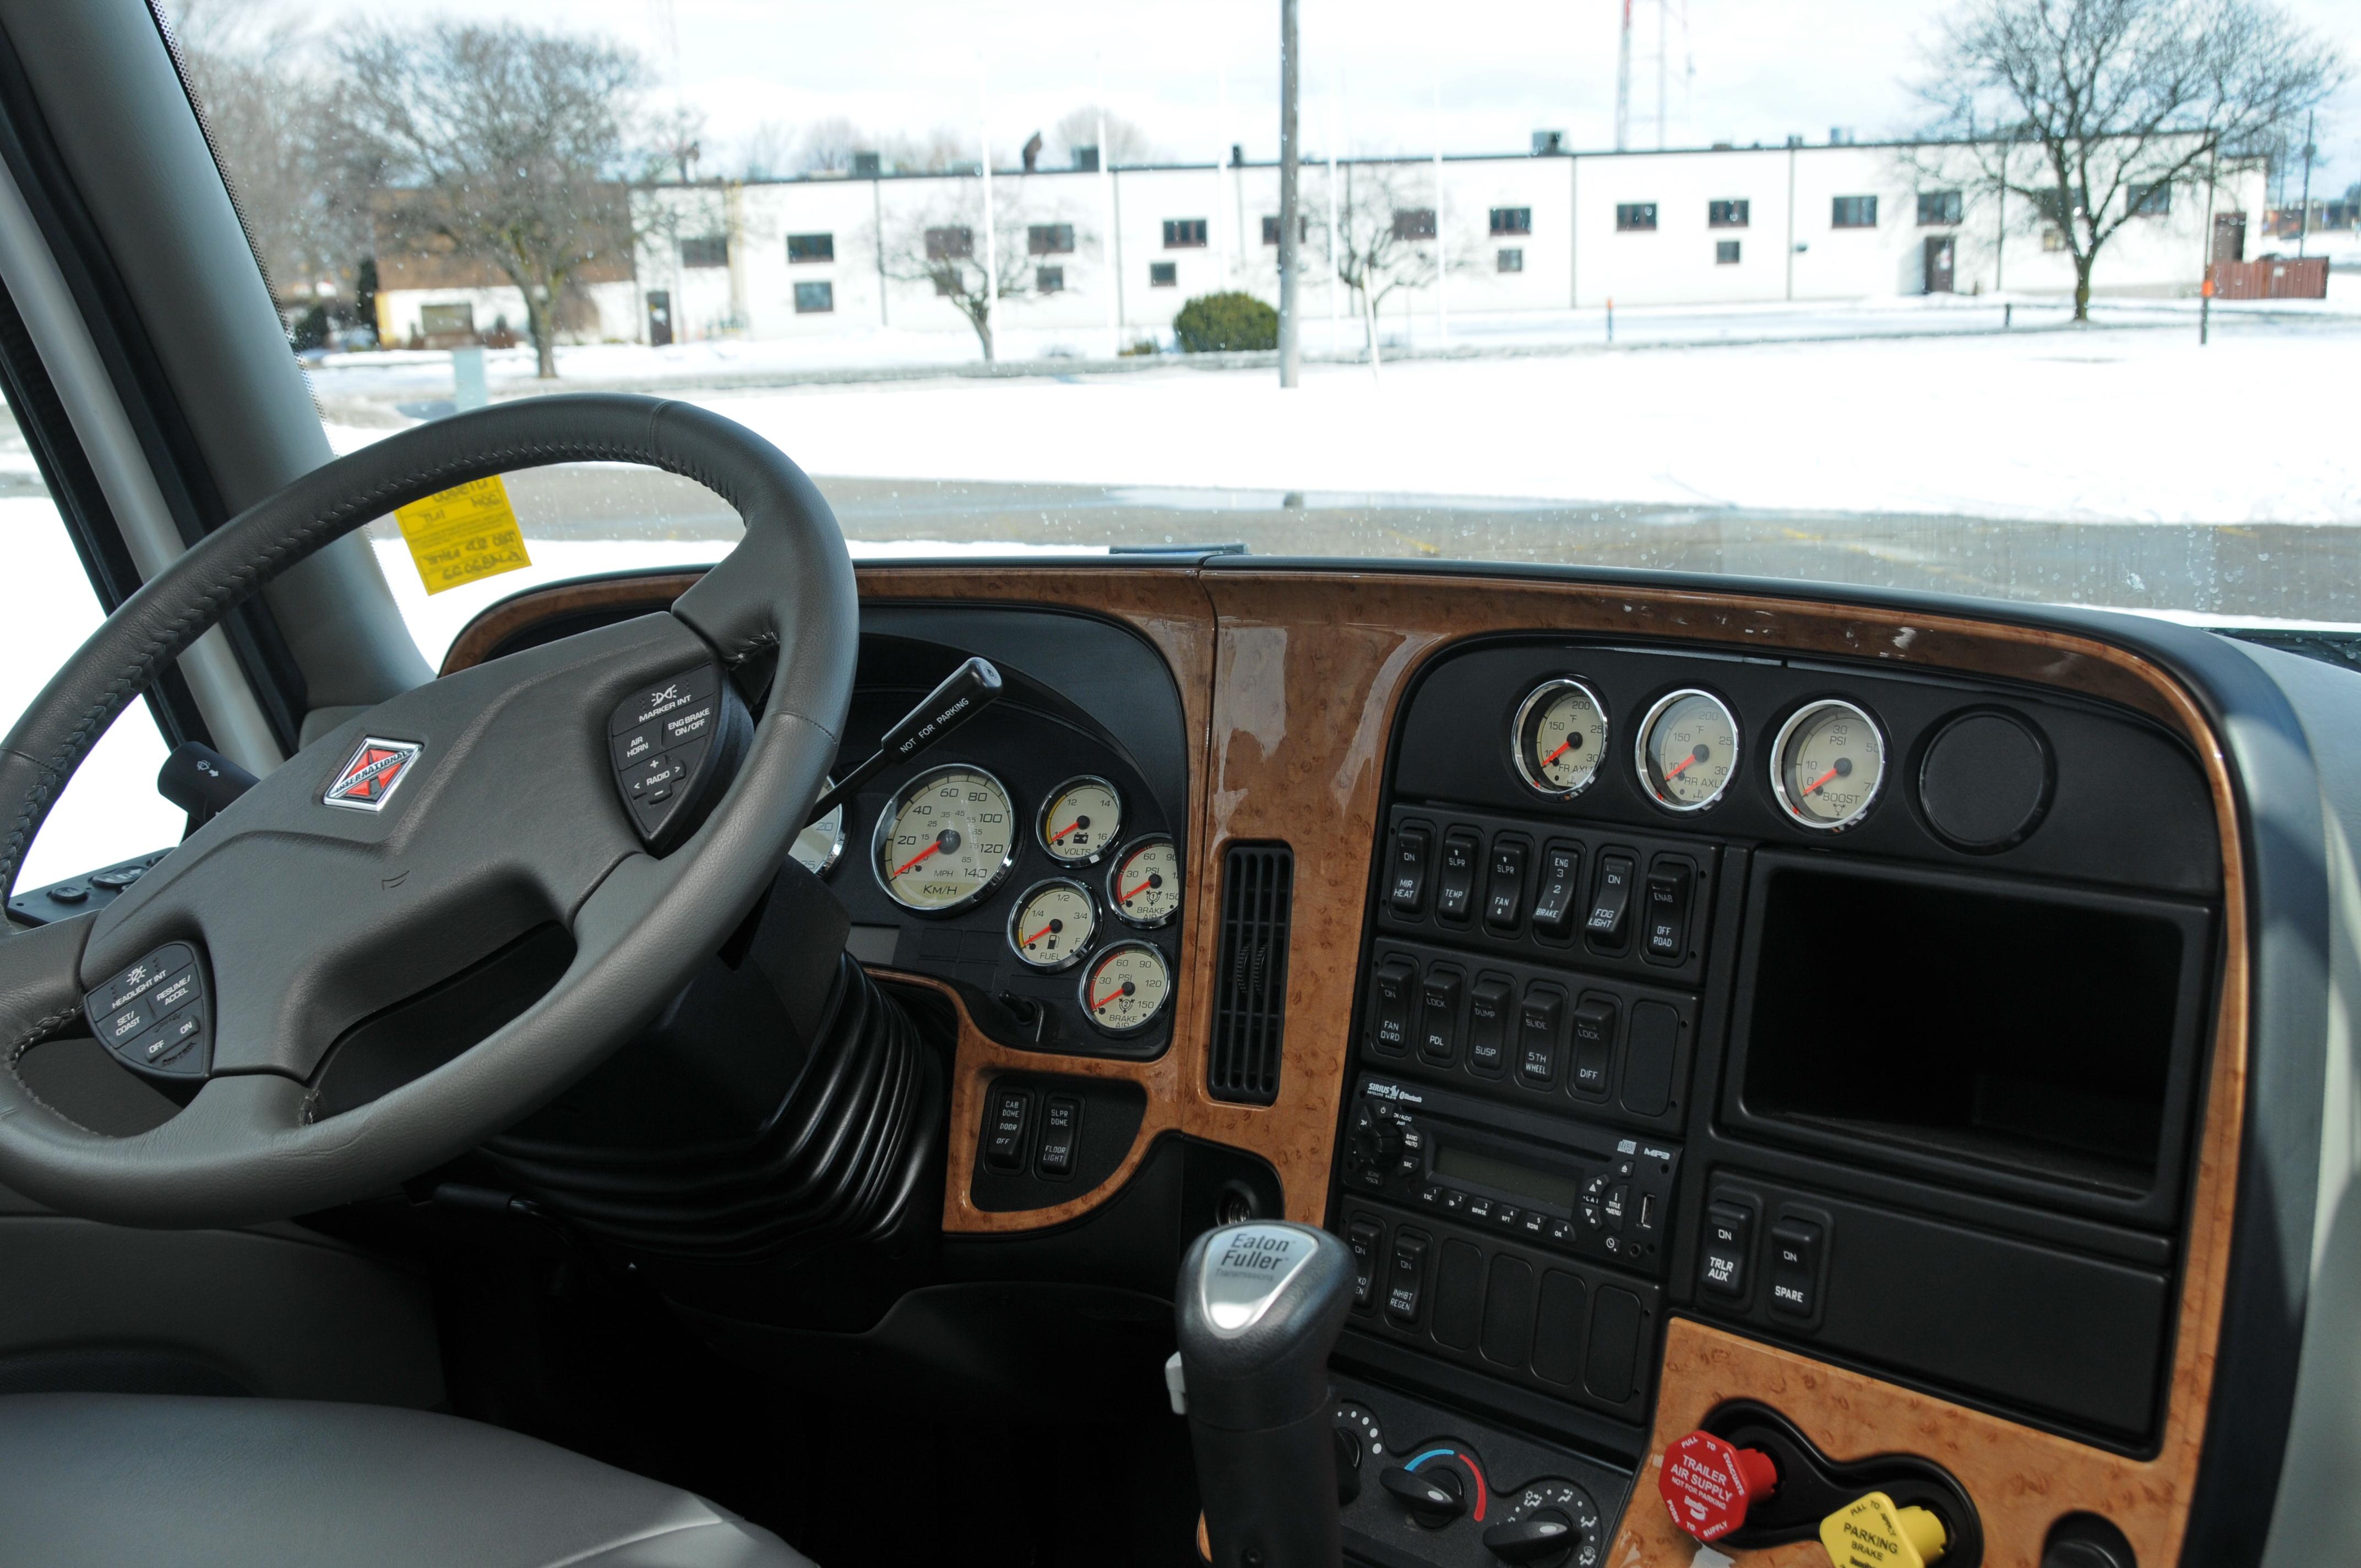 Cummins and Navistar Reunite - Equipment - Trucking Info